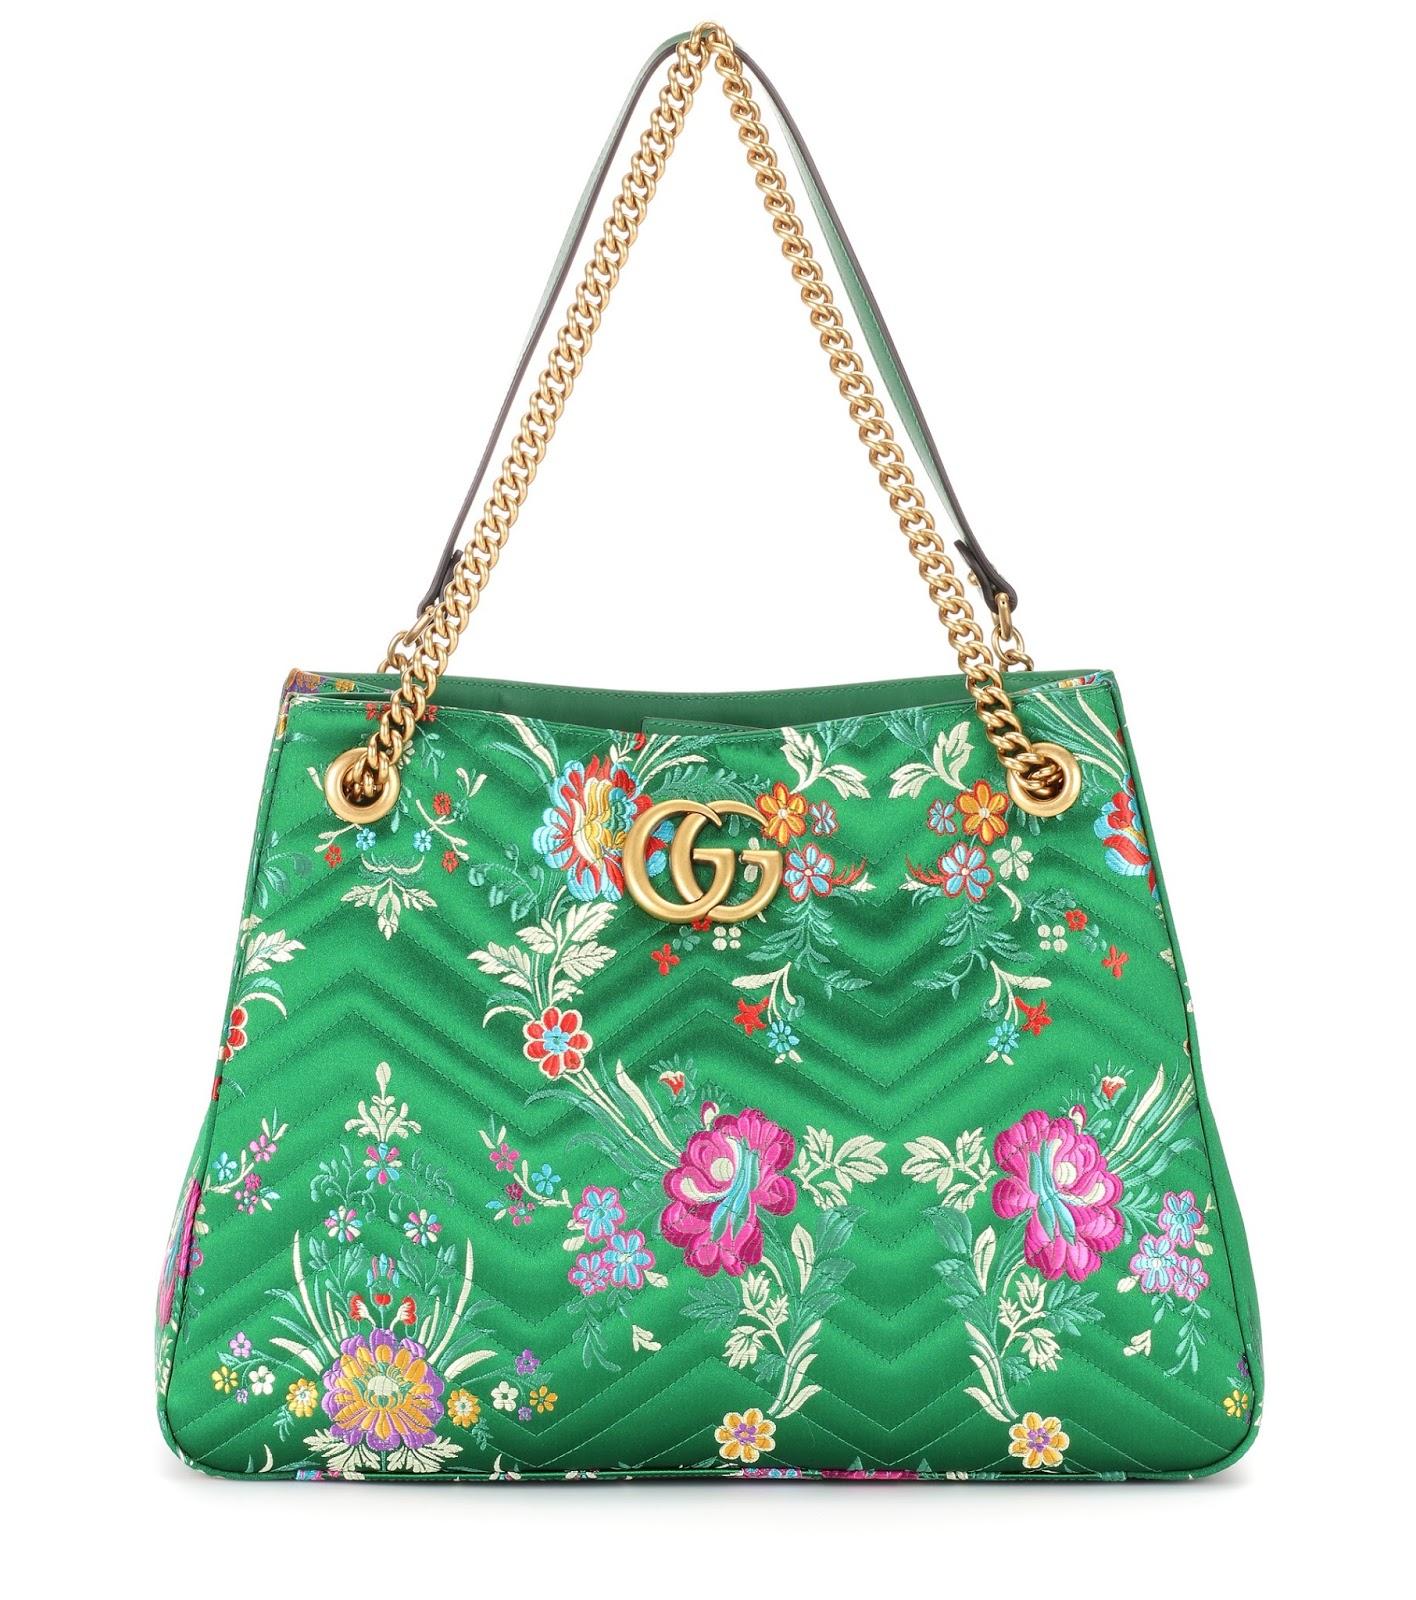 558fa4e586 La GG Marmont di GUCCI è un accessorio romantico e glam in brillante  tessuto jacquard e broccato a motivo floreale. La borsa del giorno è  caratterizzata da ...